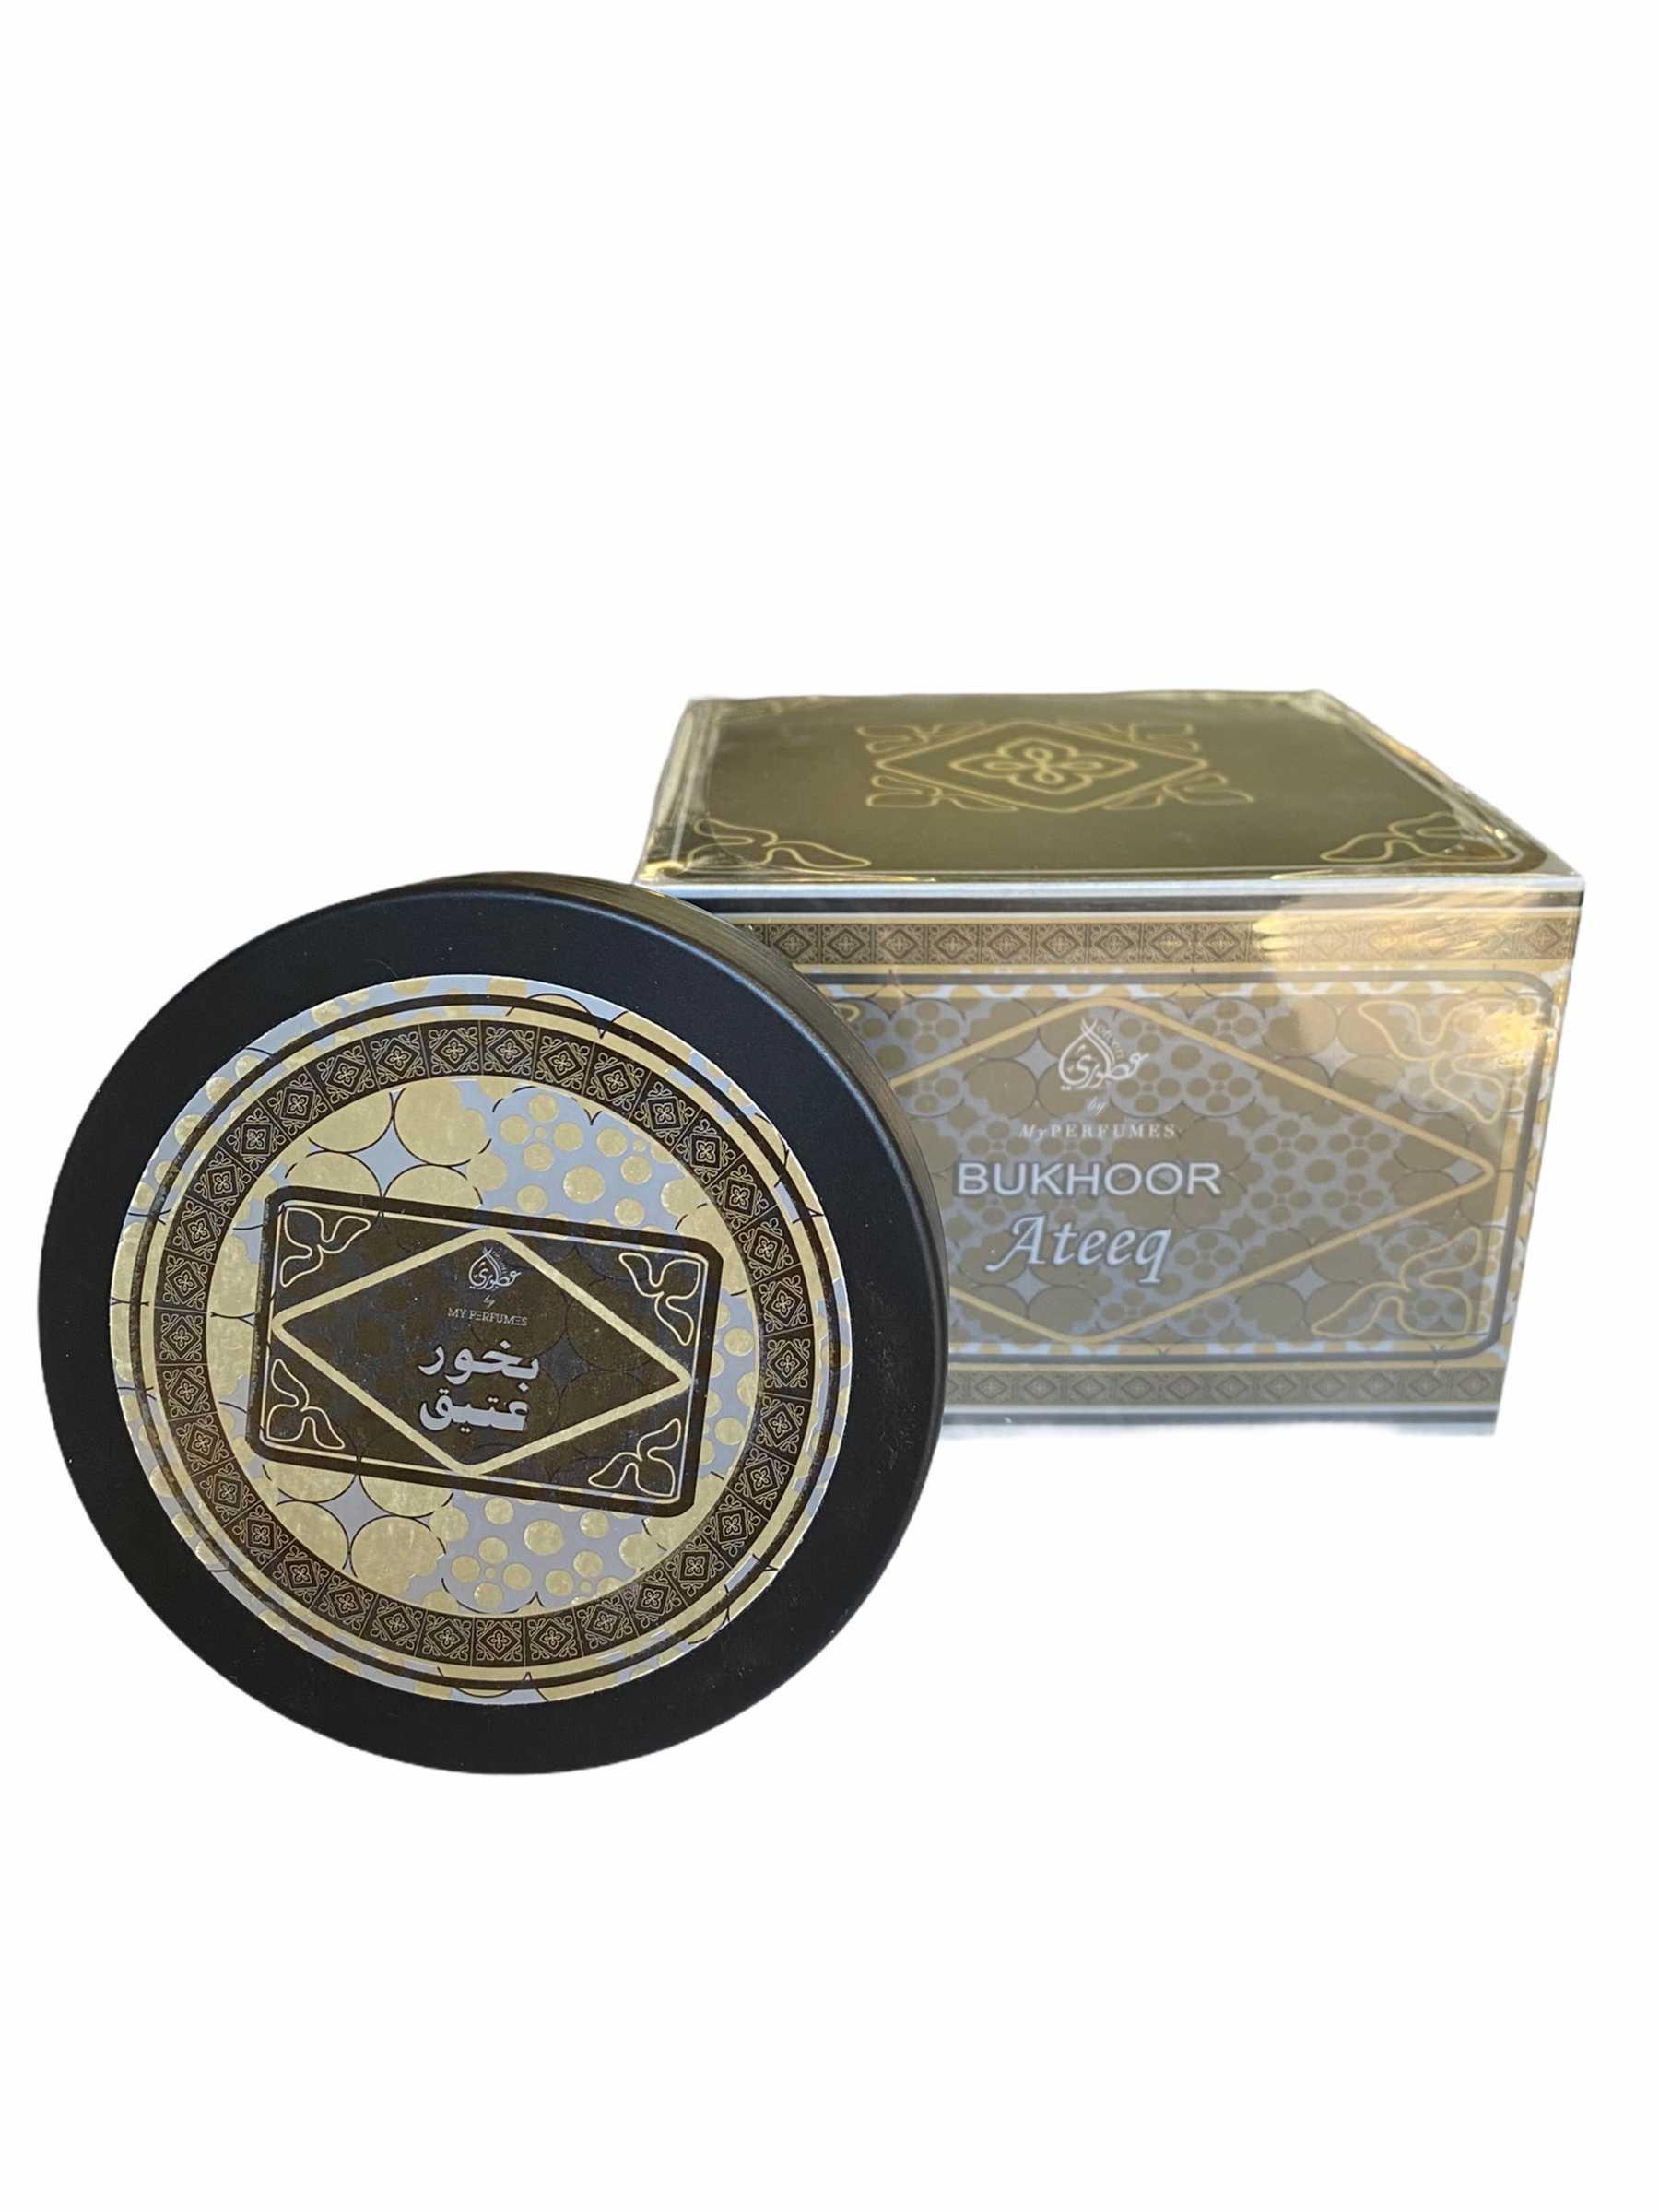 Bukhoor Ateek - My Perfumes à base de Oud d'excellente qualité en provenance direct de Dubai sou forme de petit palet ronds à effriter